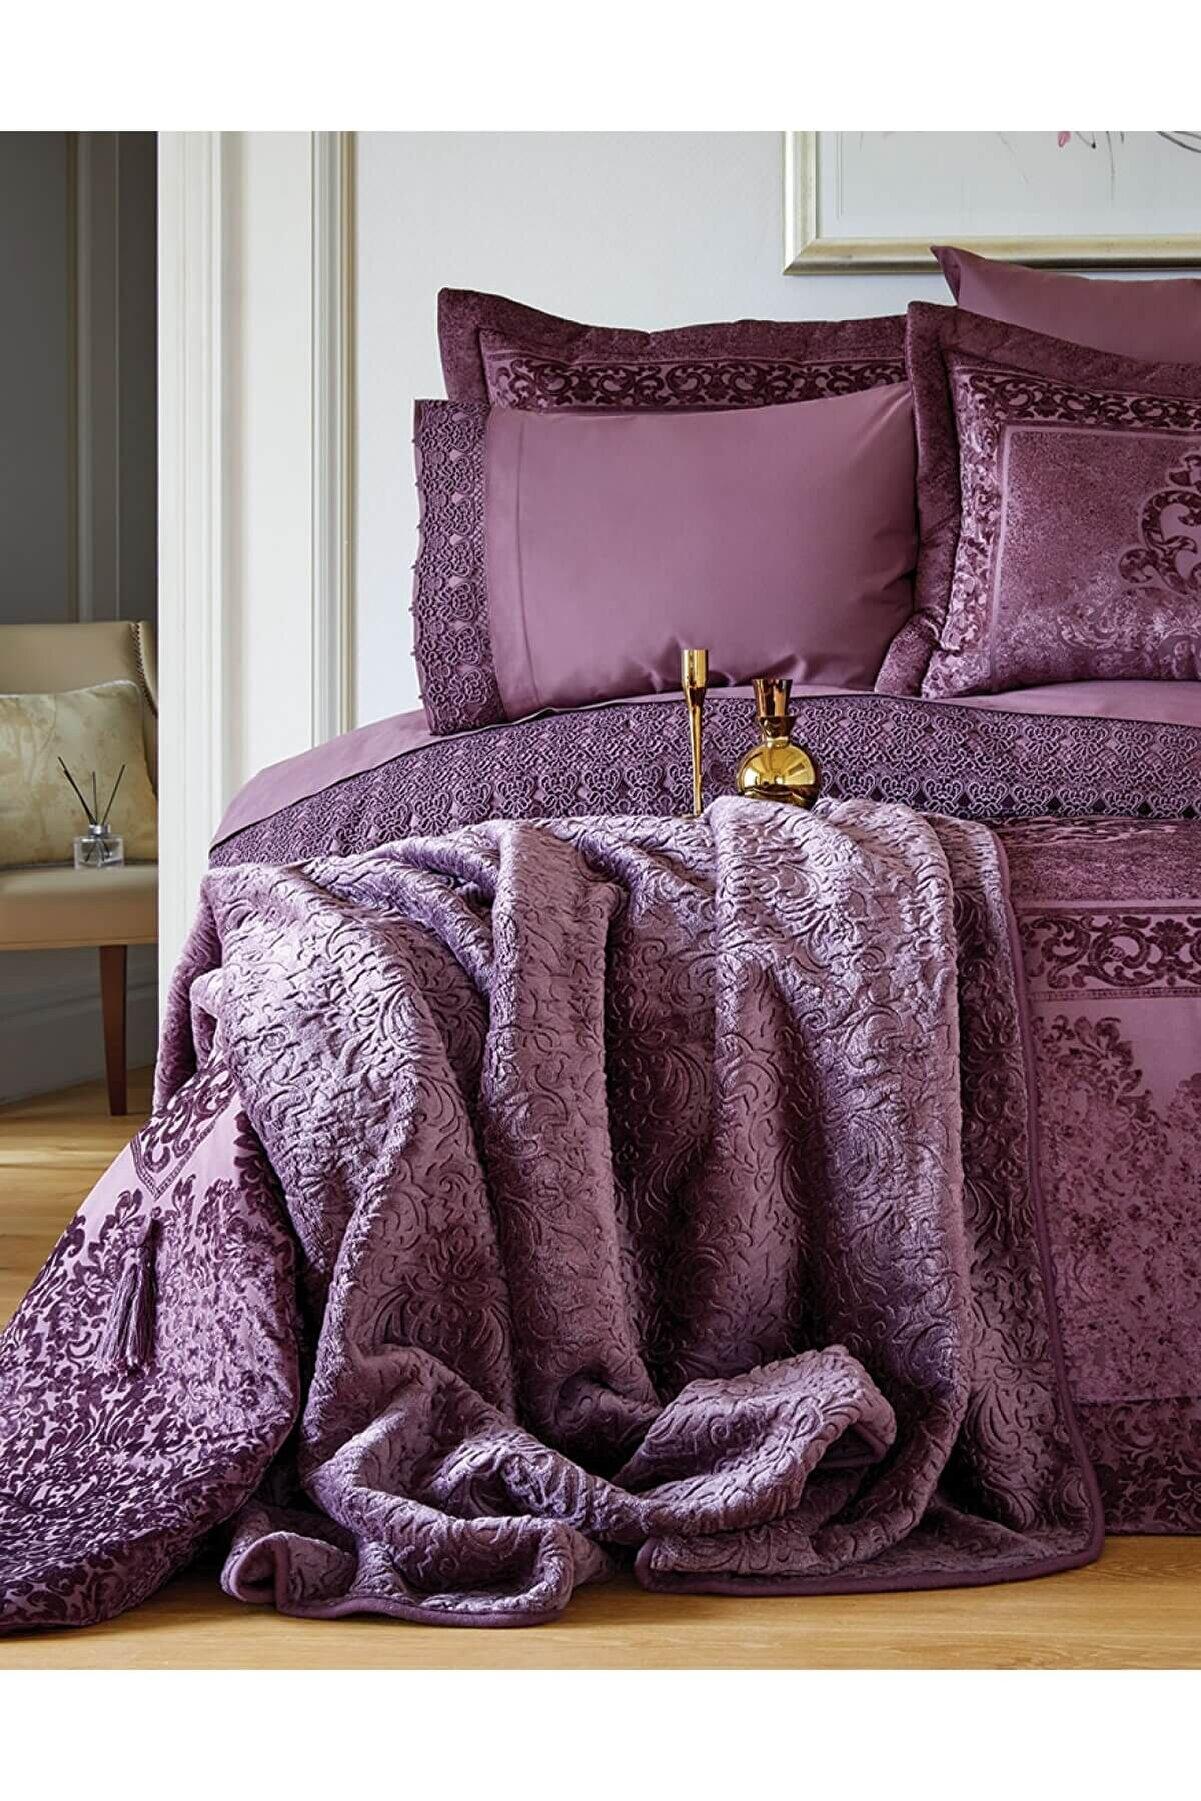 Karaca Home Valeria Prime 2018 Mürdüm Yatak Örtüsü